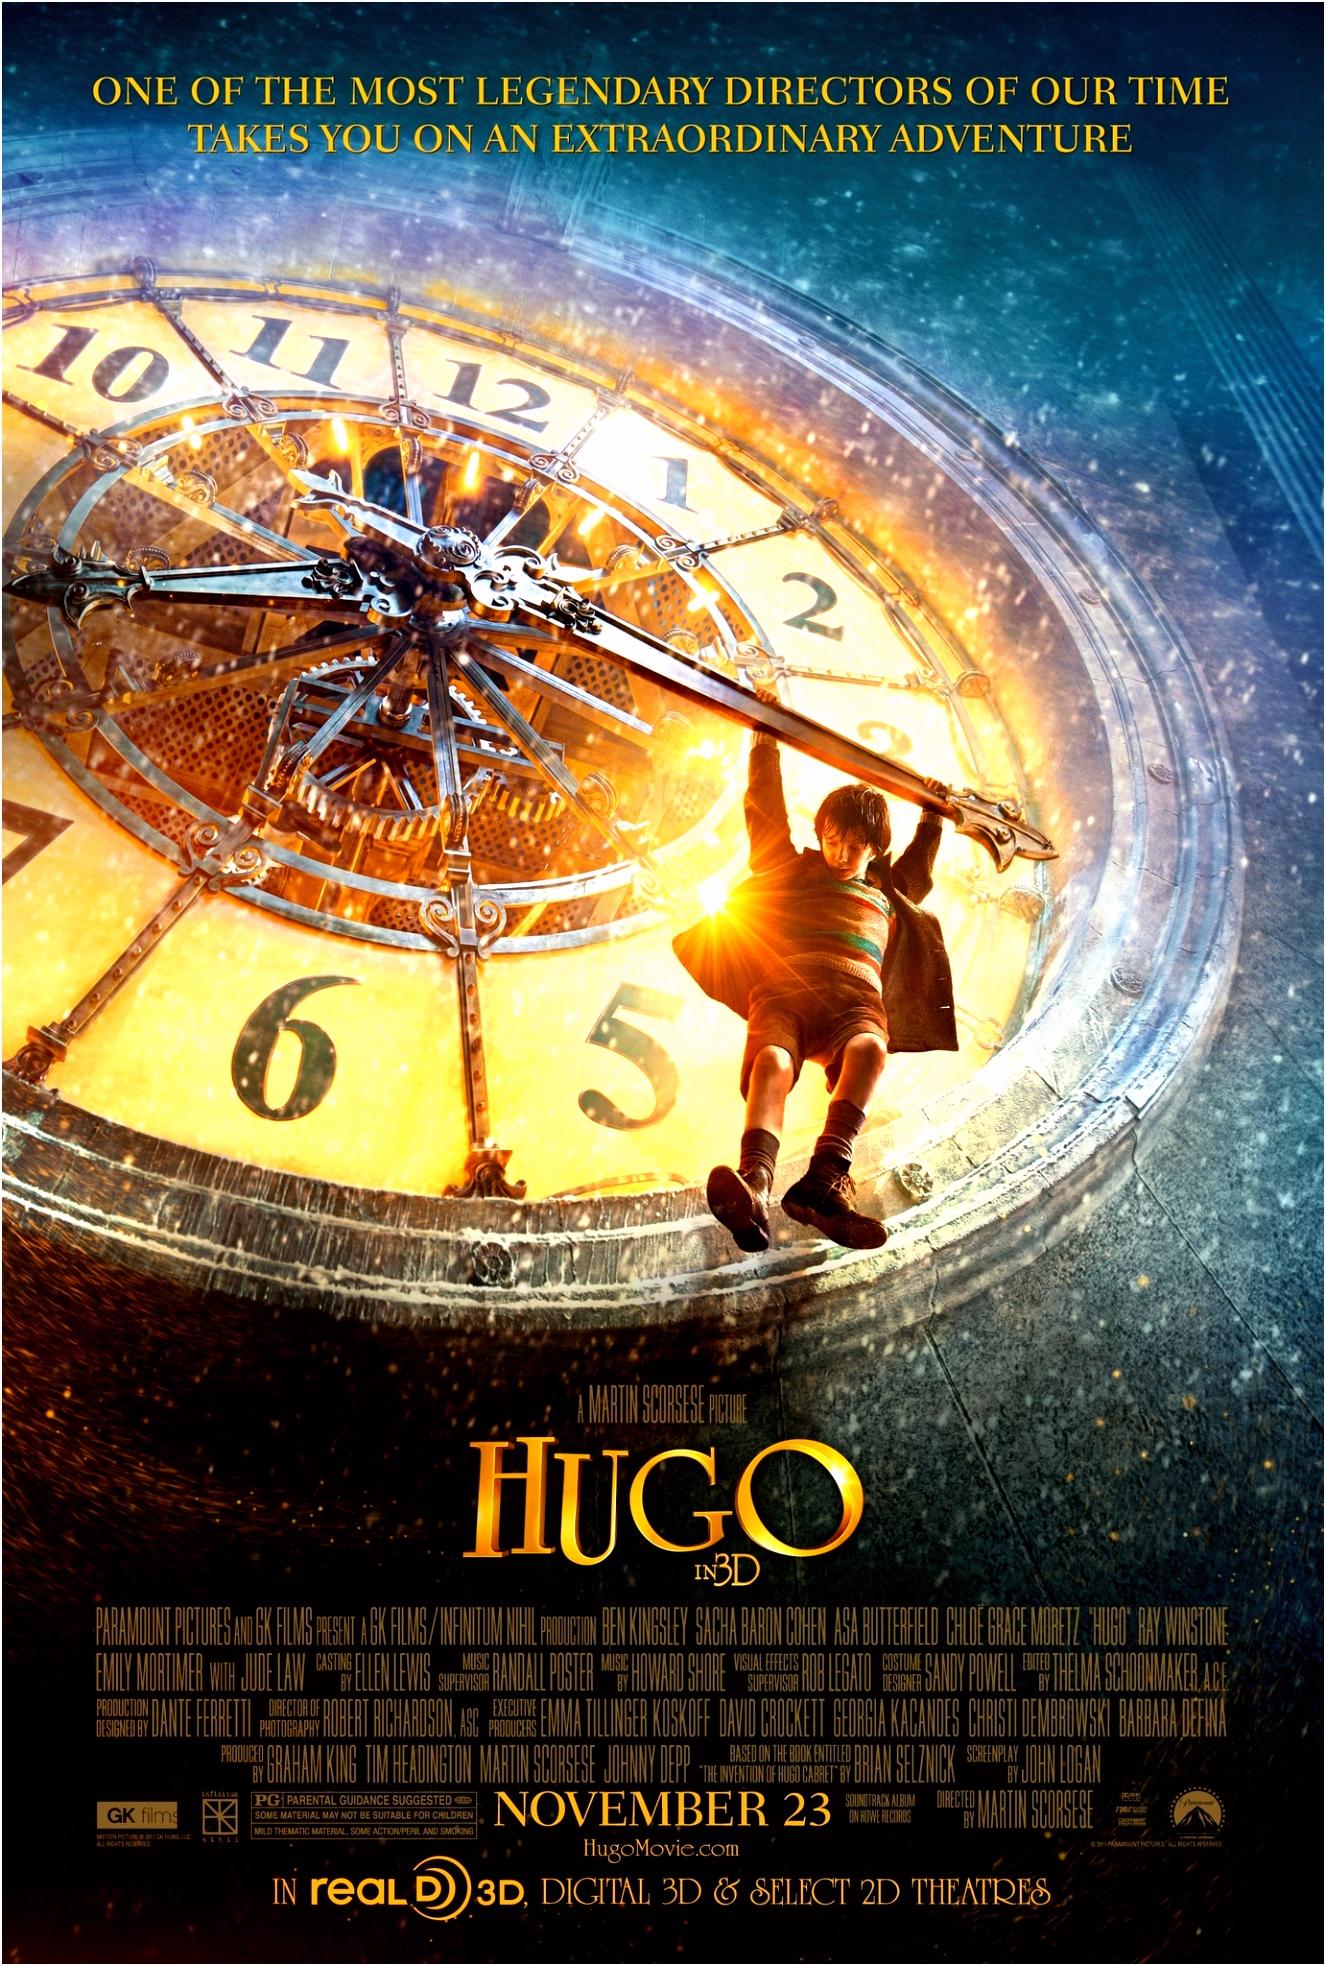 Hugo 2011 IMDb